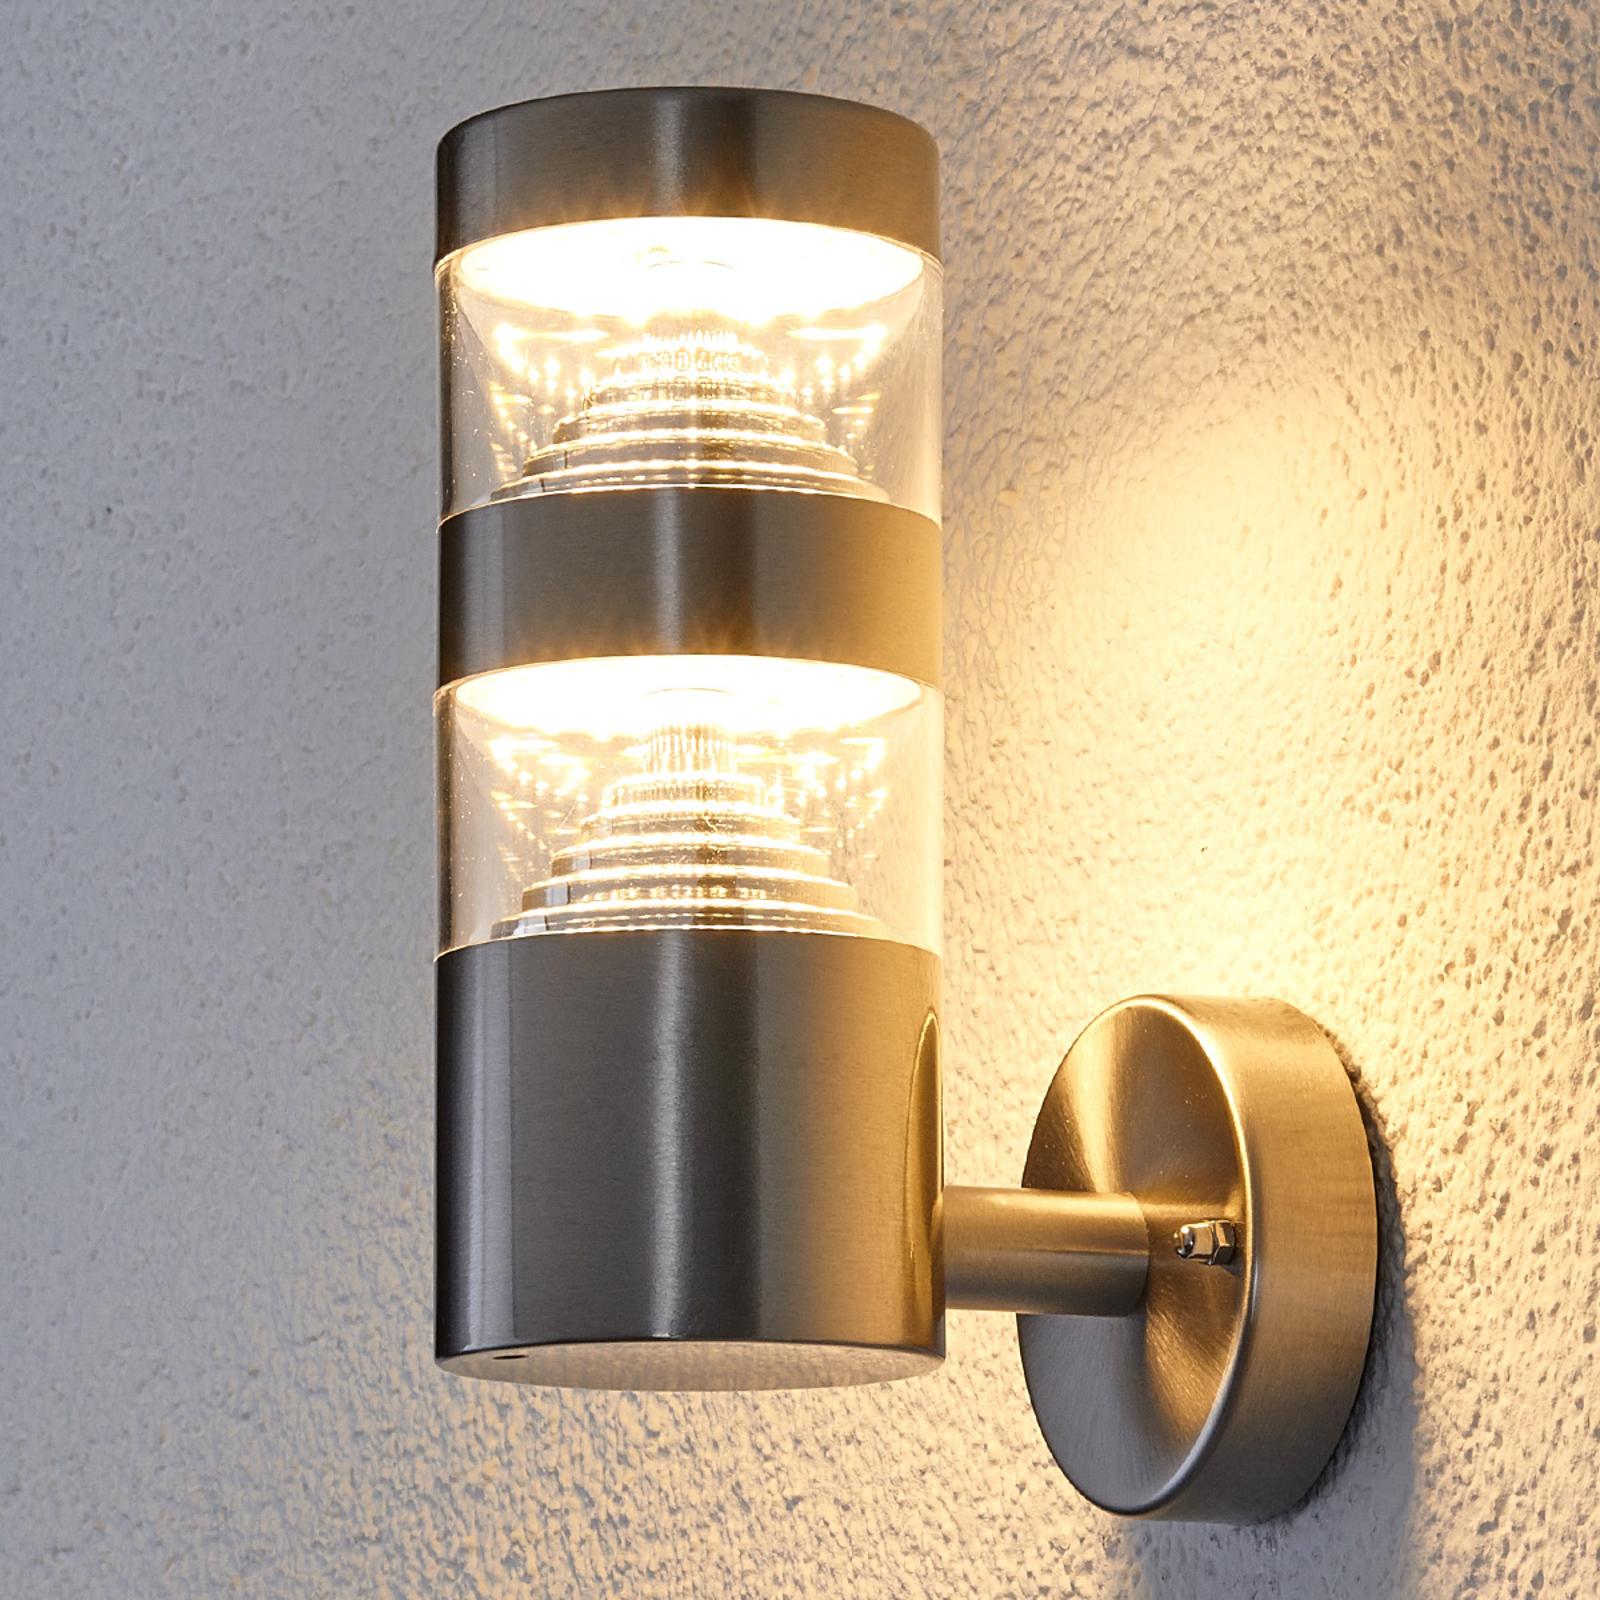 LED-ulkoseinävalaisin Lanea, suora